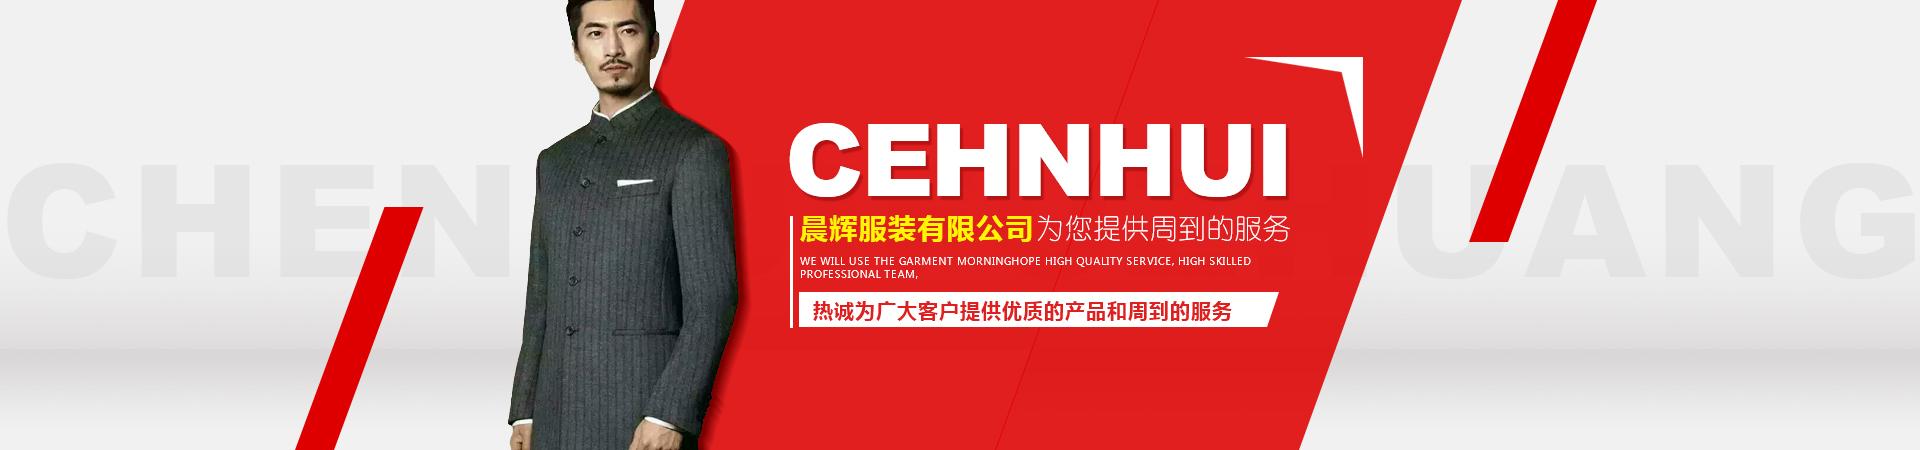 ceshi5